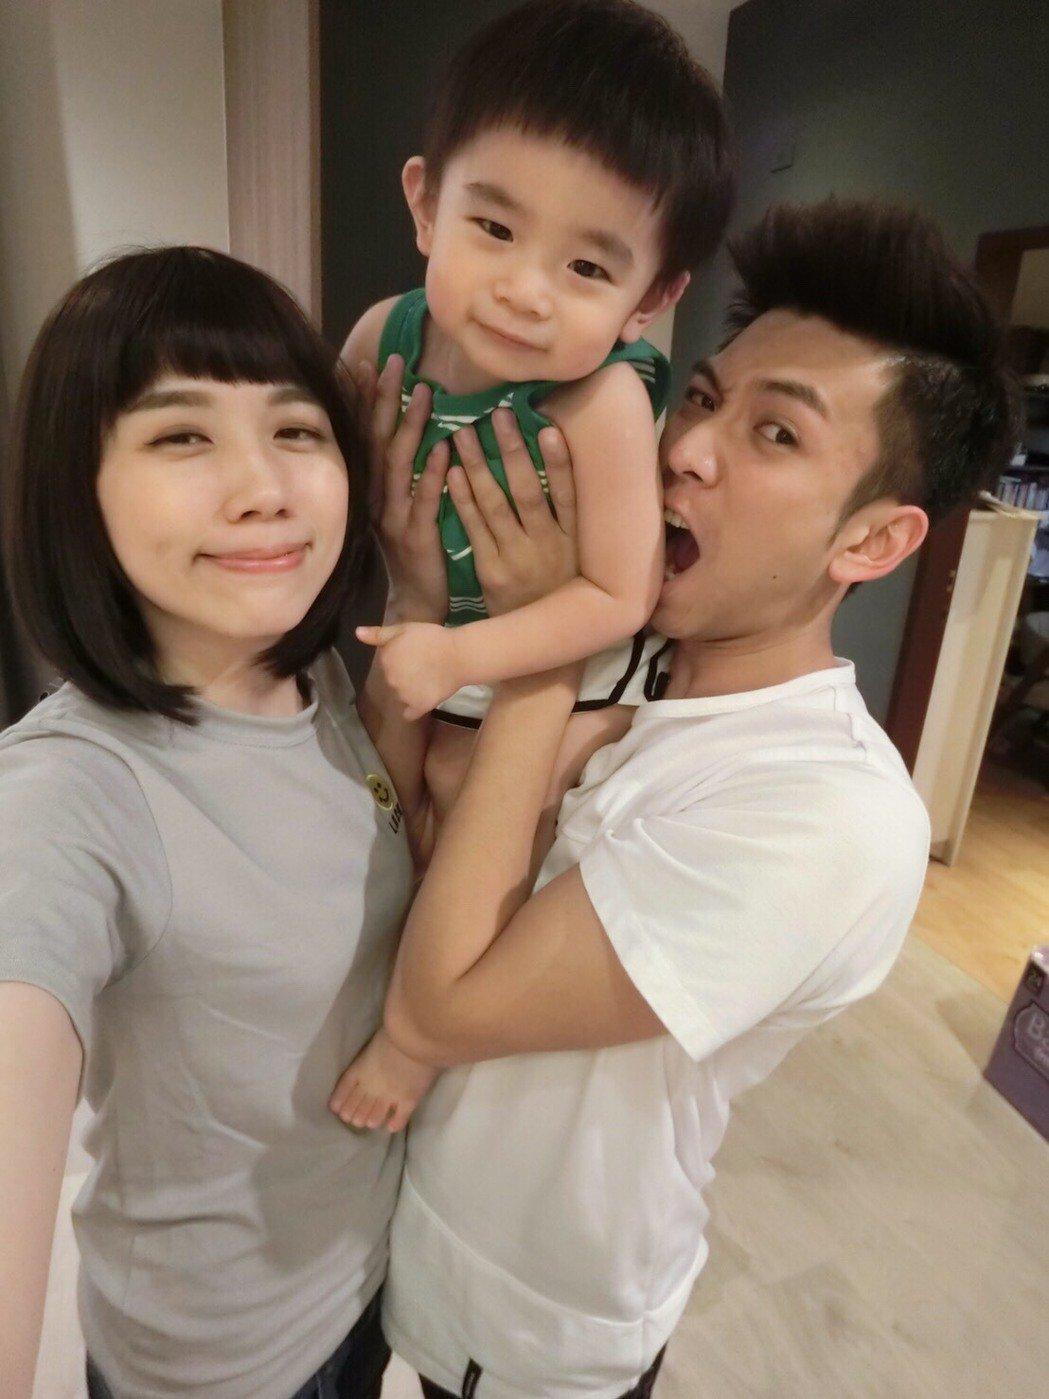 「鮪魚」吳俊諺和老婆抱著2歲兒子好幸福。圖/「一個wu簷下」提供